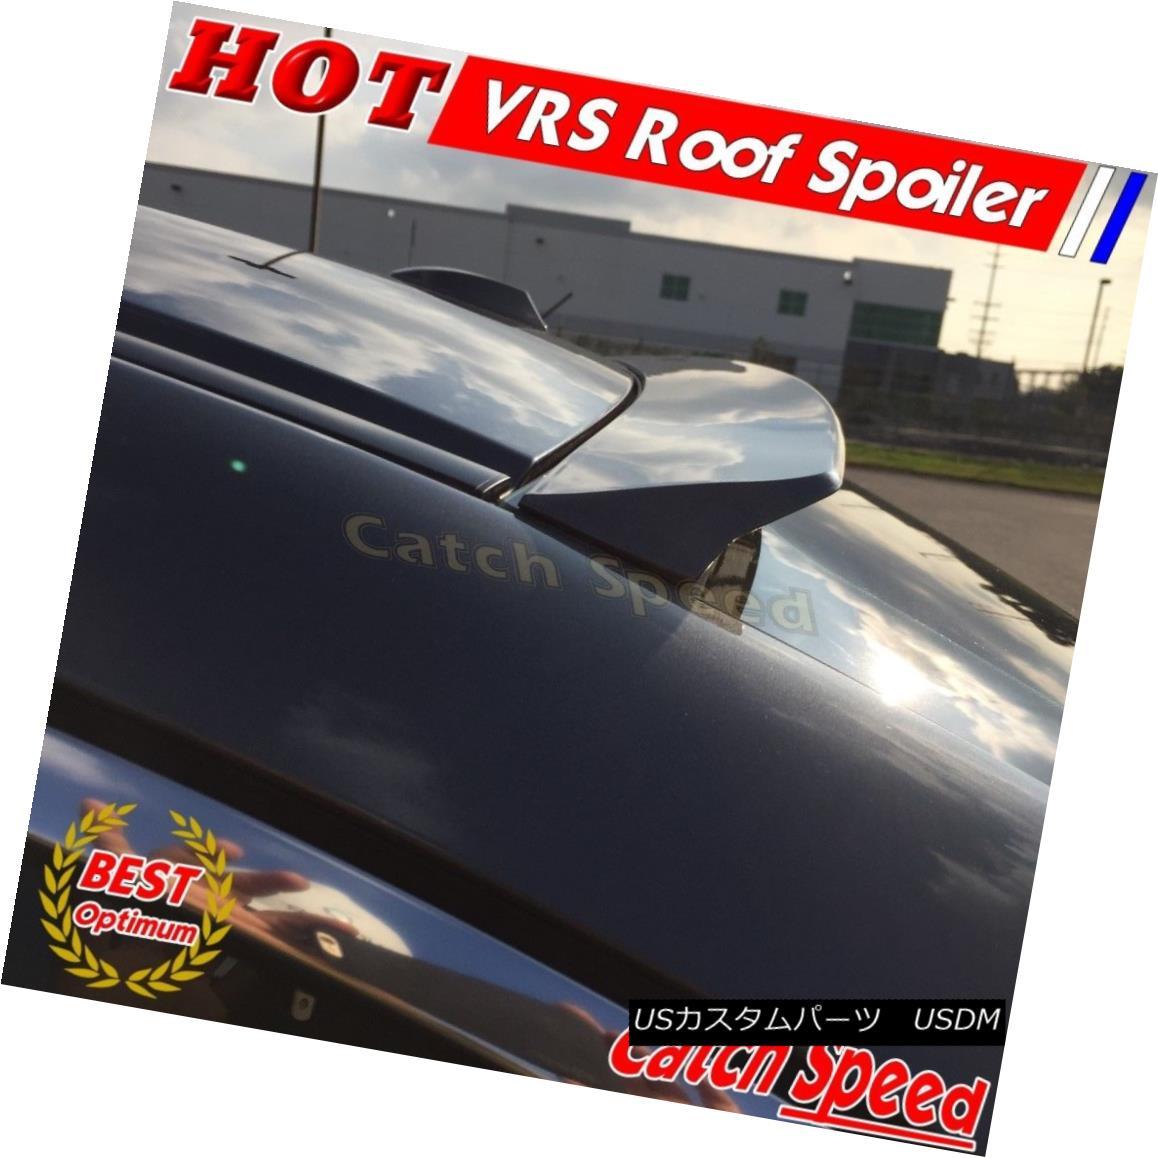 エアロパーツ Flat Black VRS Type Rear Window Roof Spoiler Wing For 2009-2014 Acura TL Sedan  フラットブラックVSタイプリアウィンドウルーフスポイラーウイングfor 2009-2014アキュラTLセダン